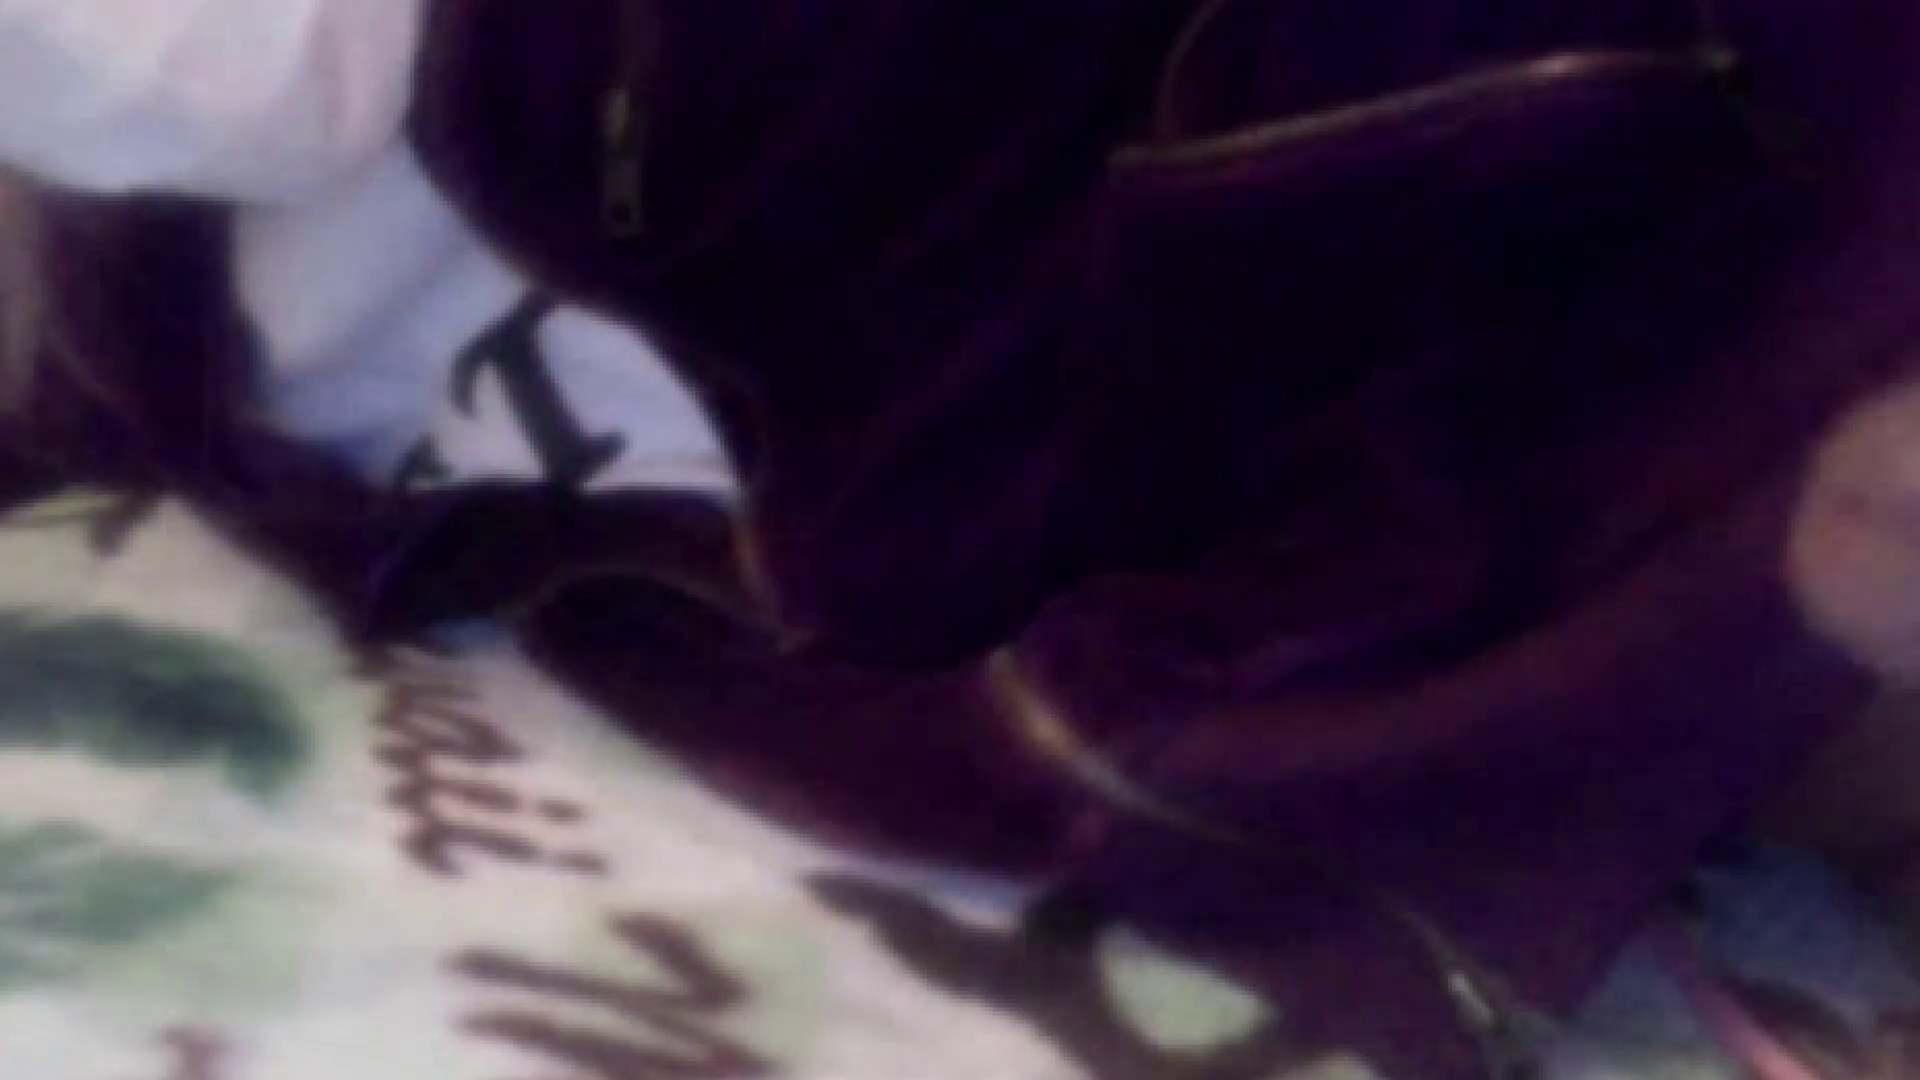 巨根 オナニー塾Vol.08 モ無し エロビデオ紹介 102枚 34